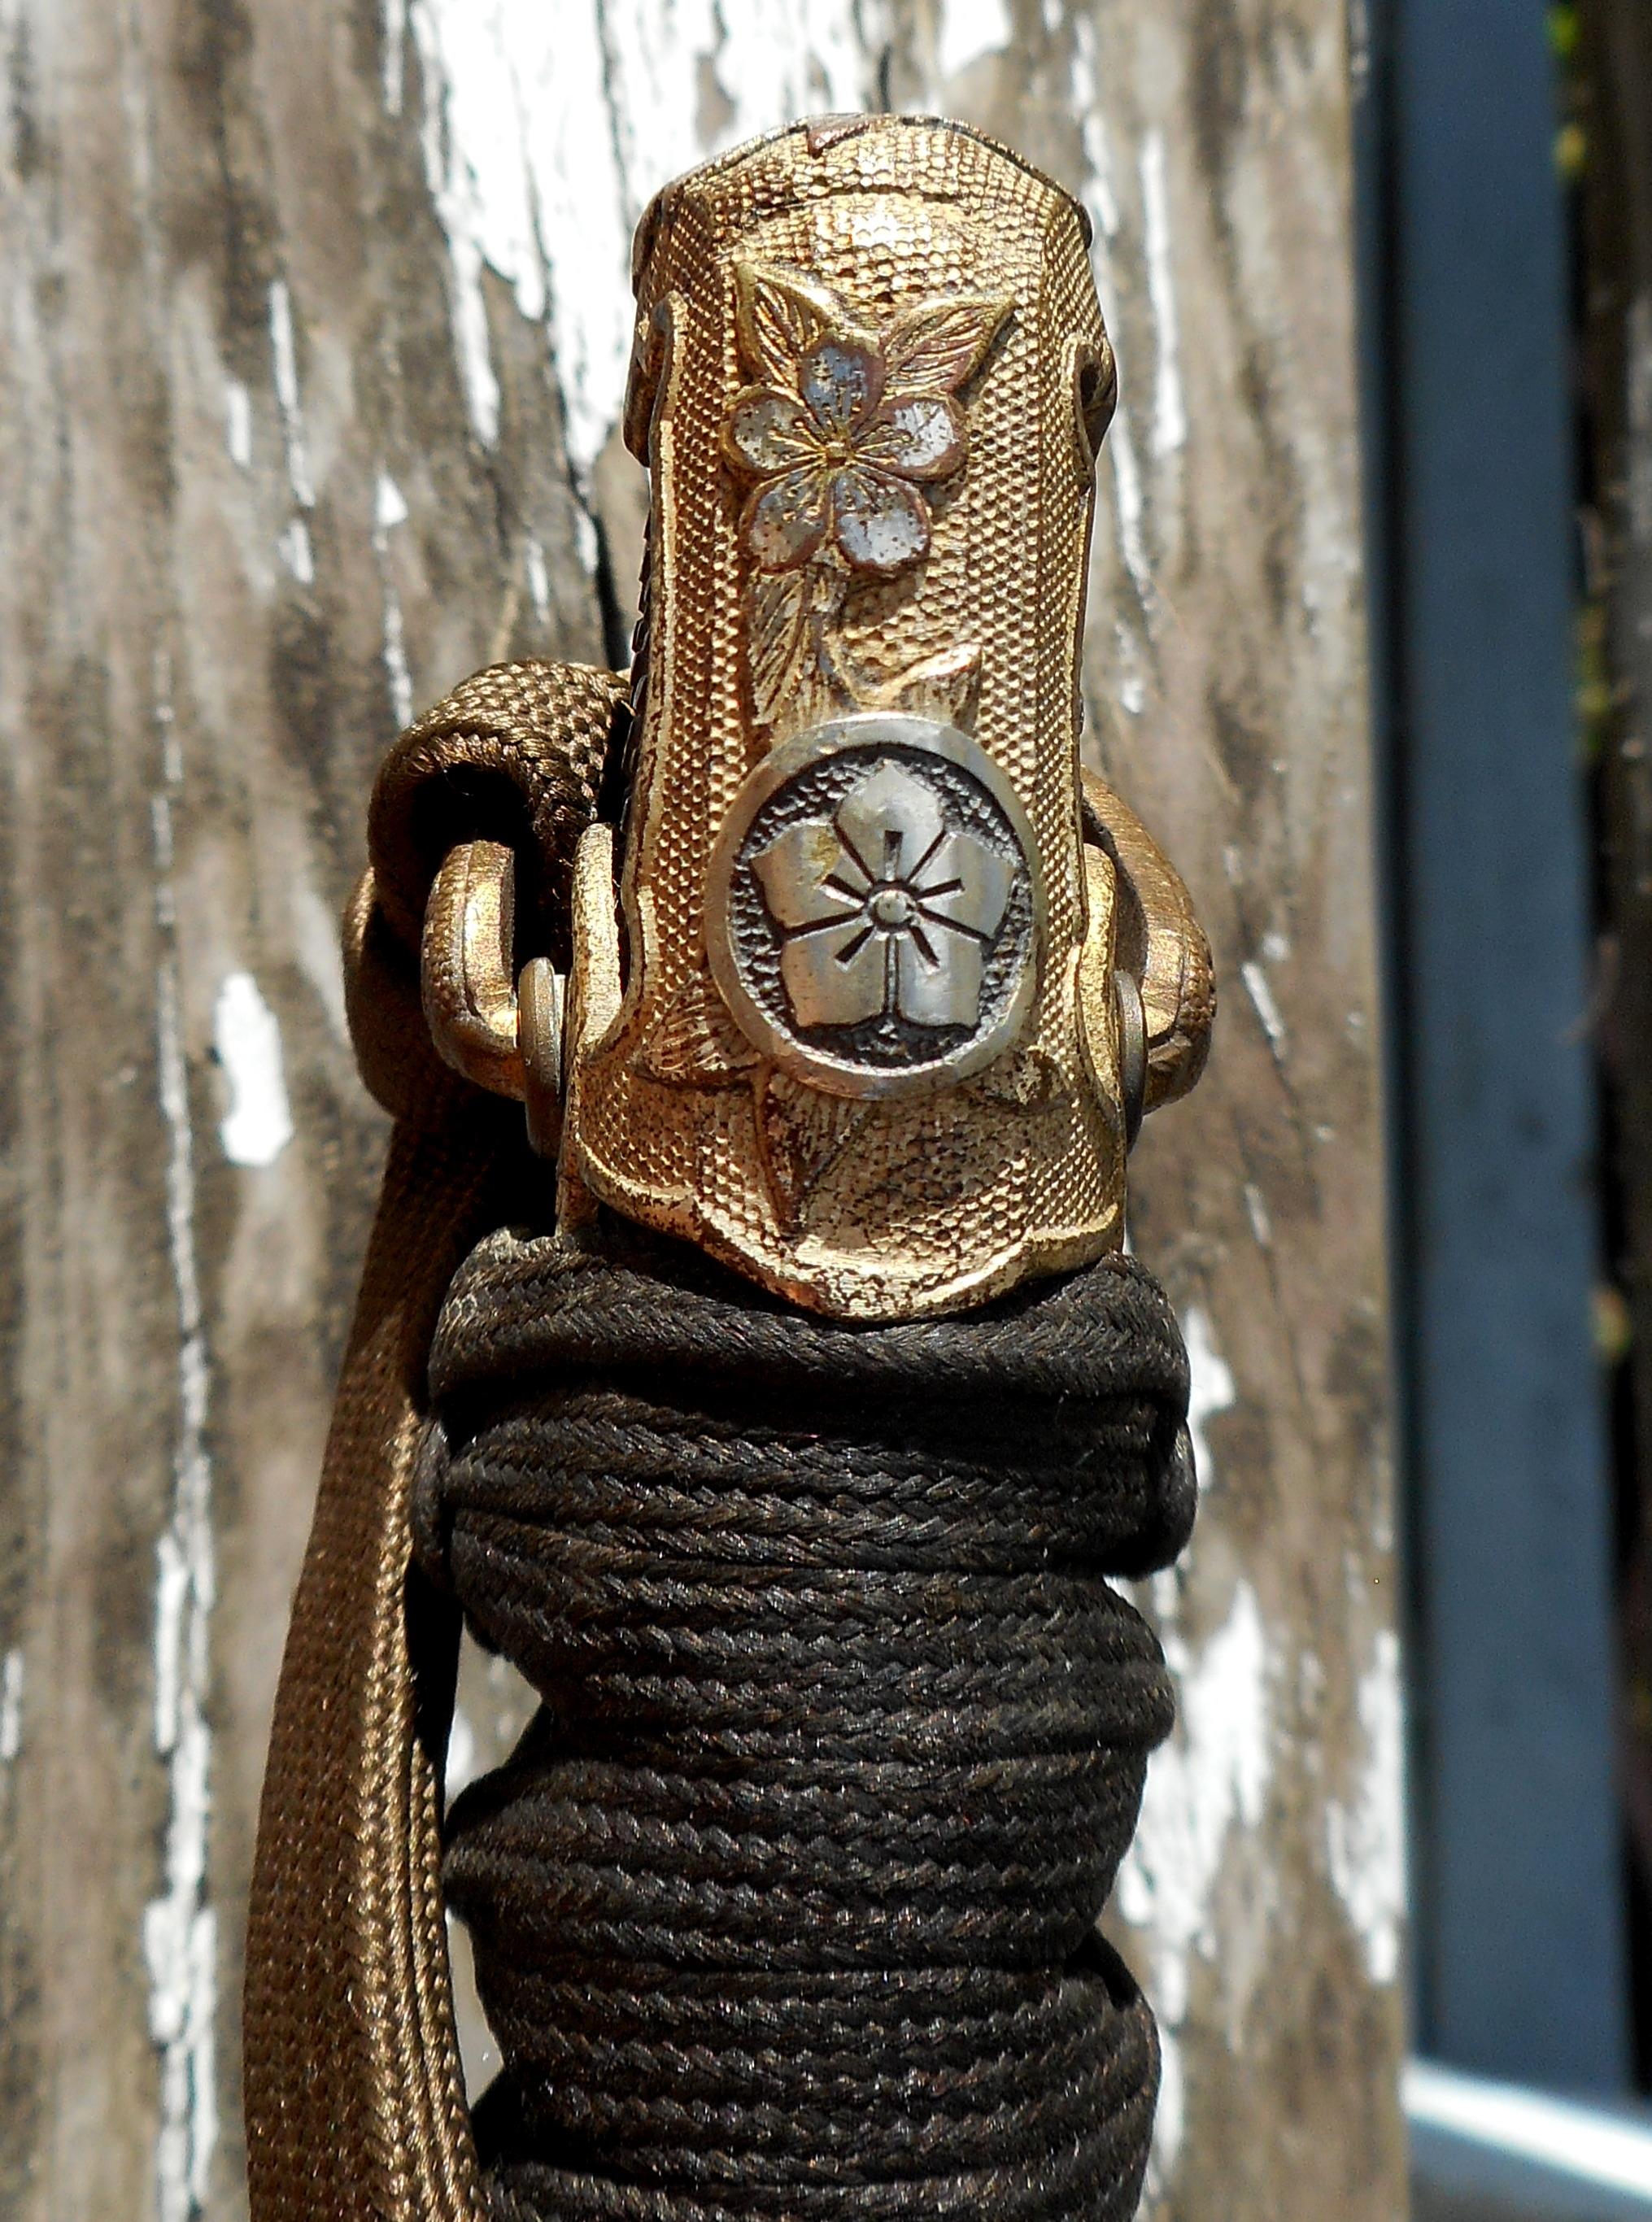 Old Family Blade Ww2 Japanese Naval Officer Samurai Sword